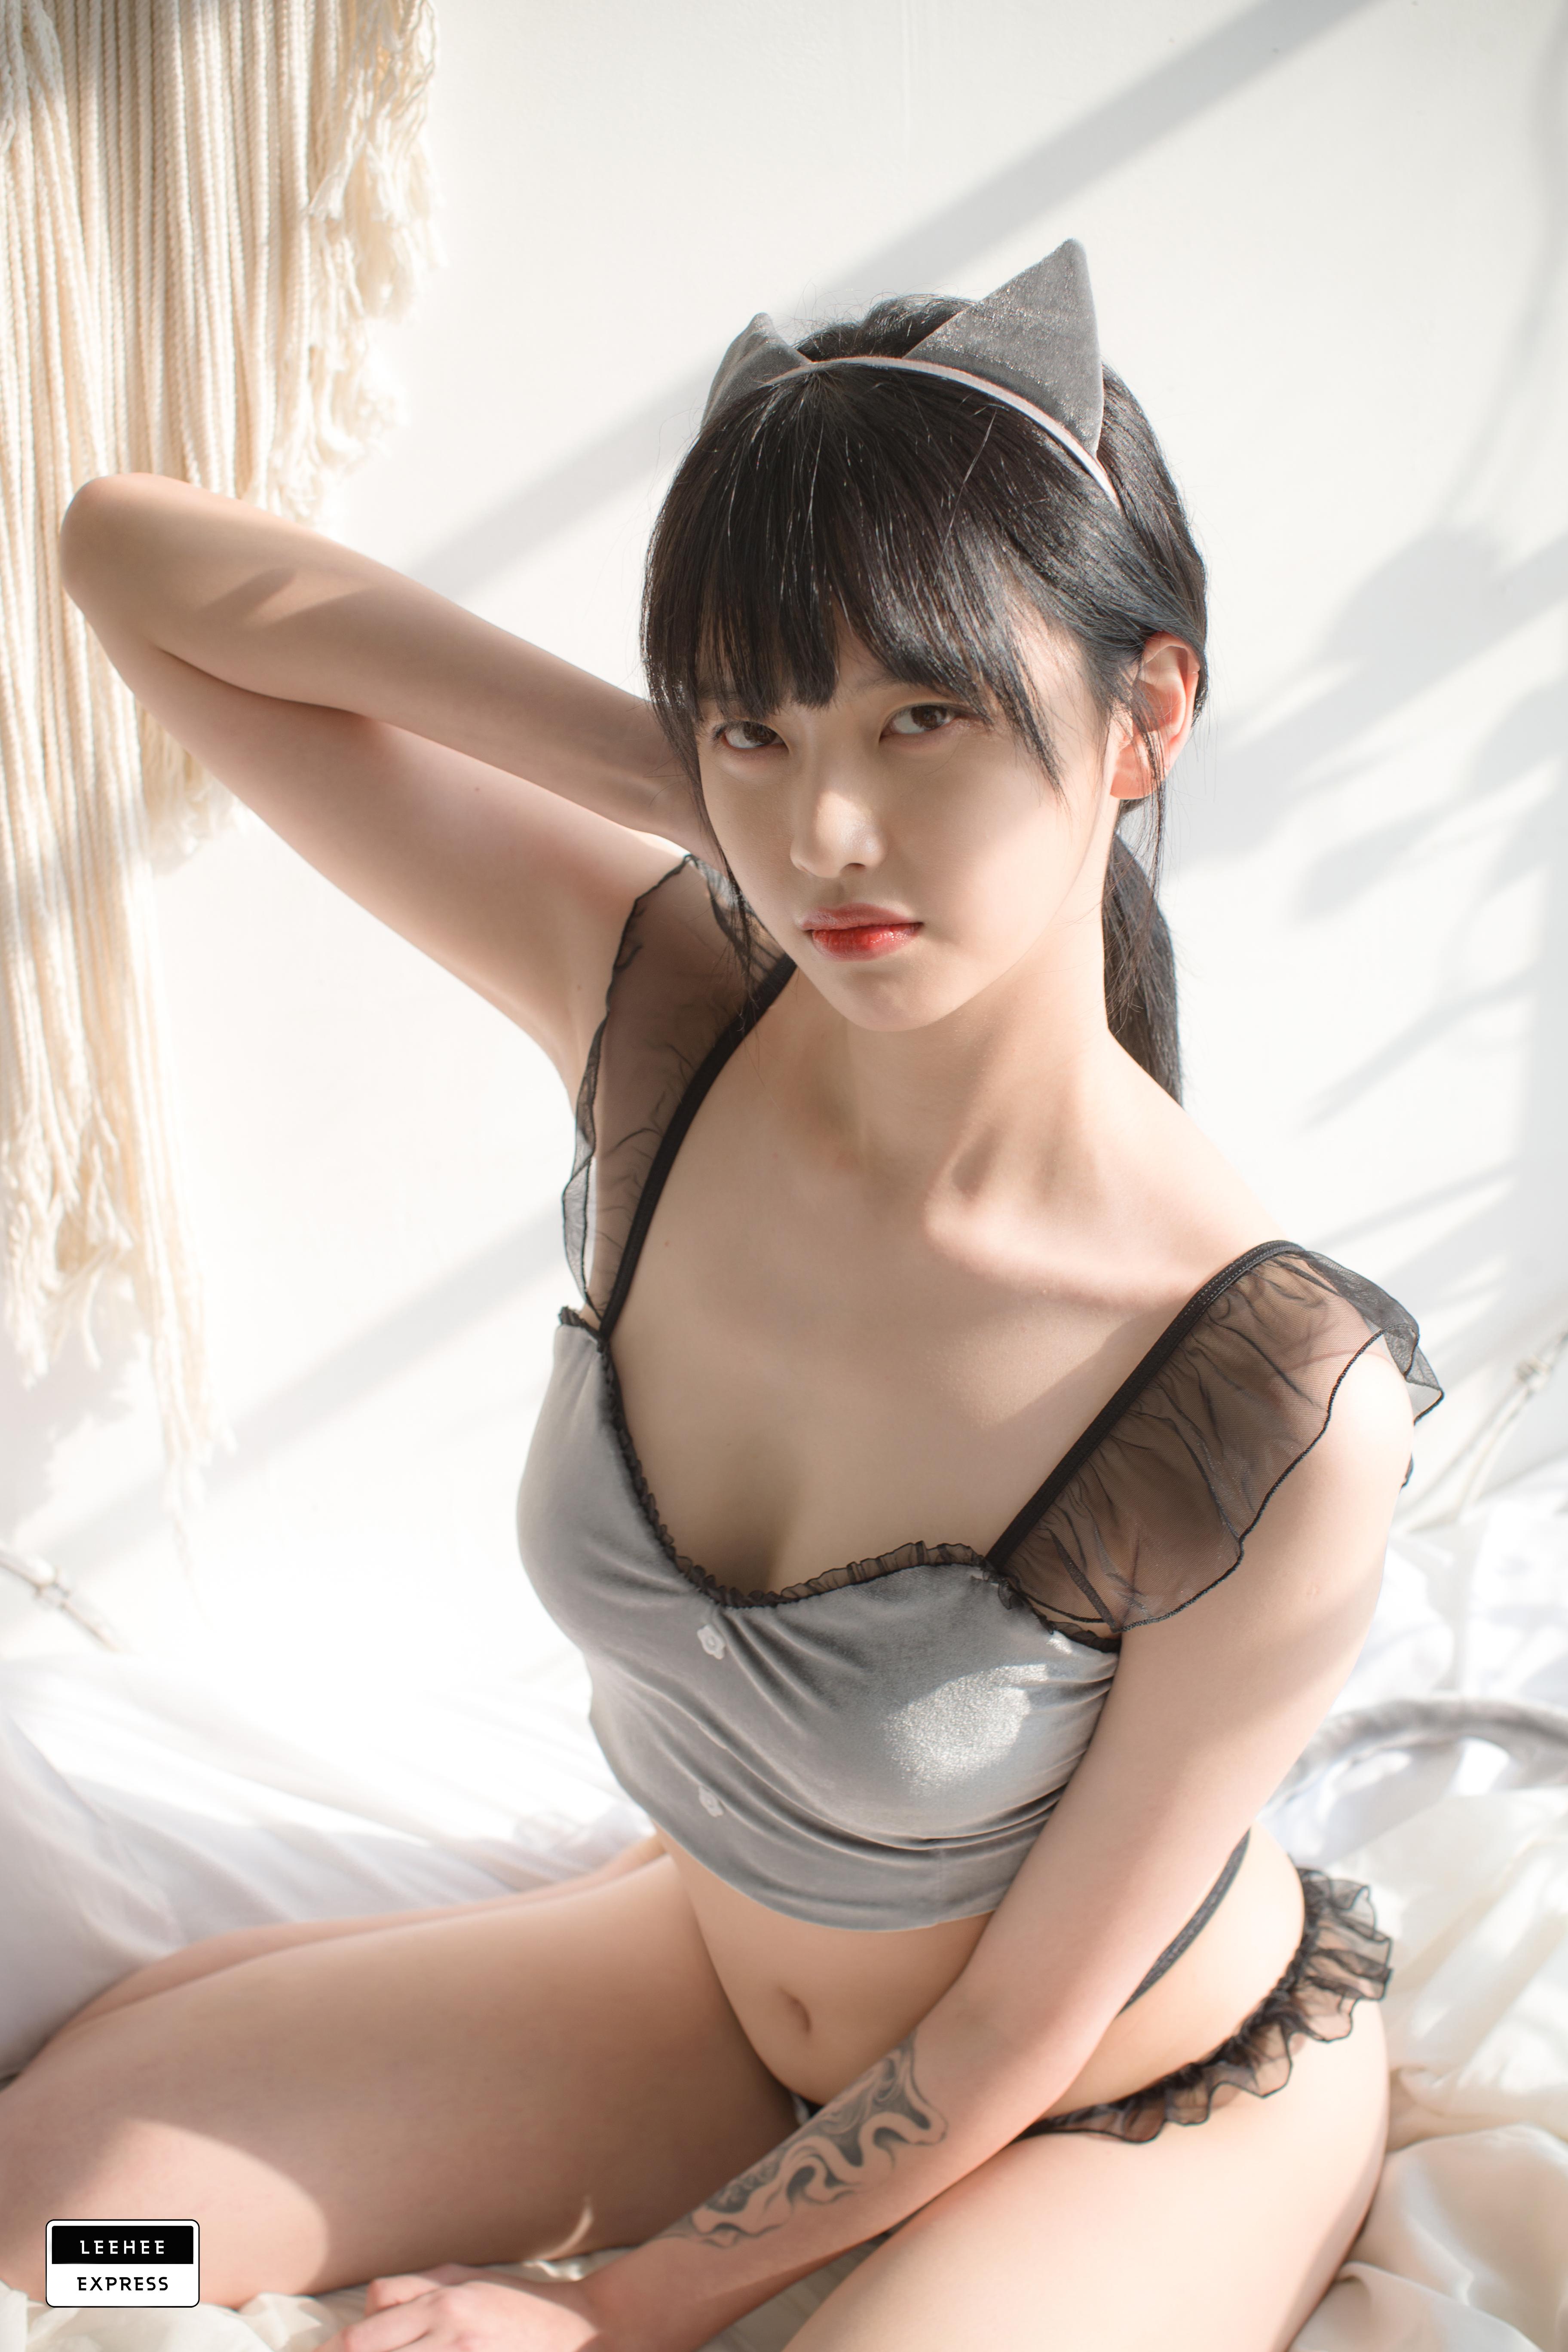 韩国妹子 GMS(고말숙) 性感写真美图图片欣赏-觅爱图